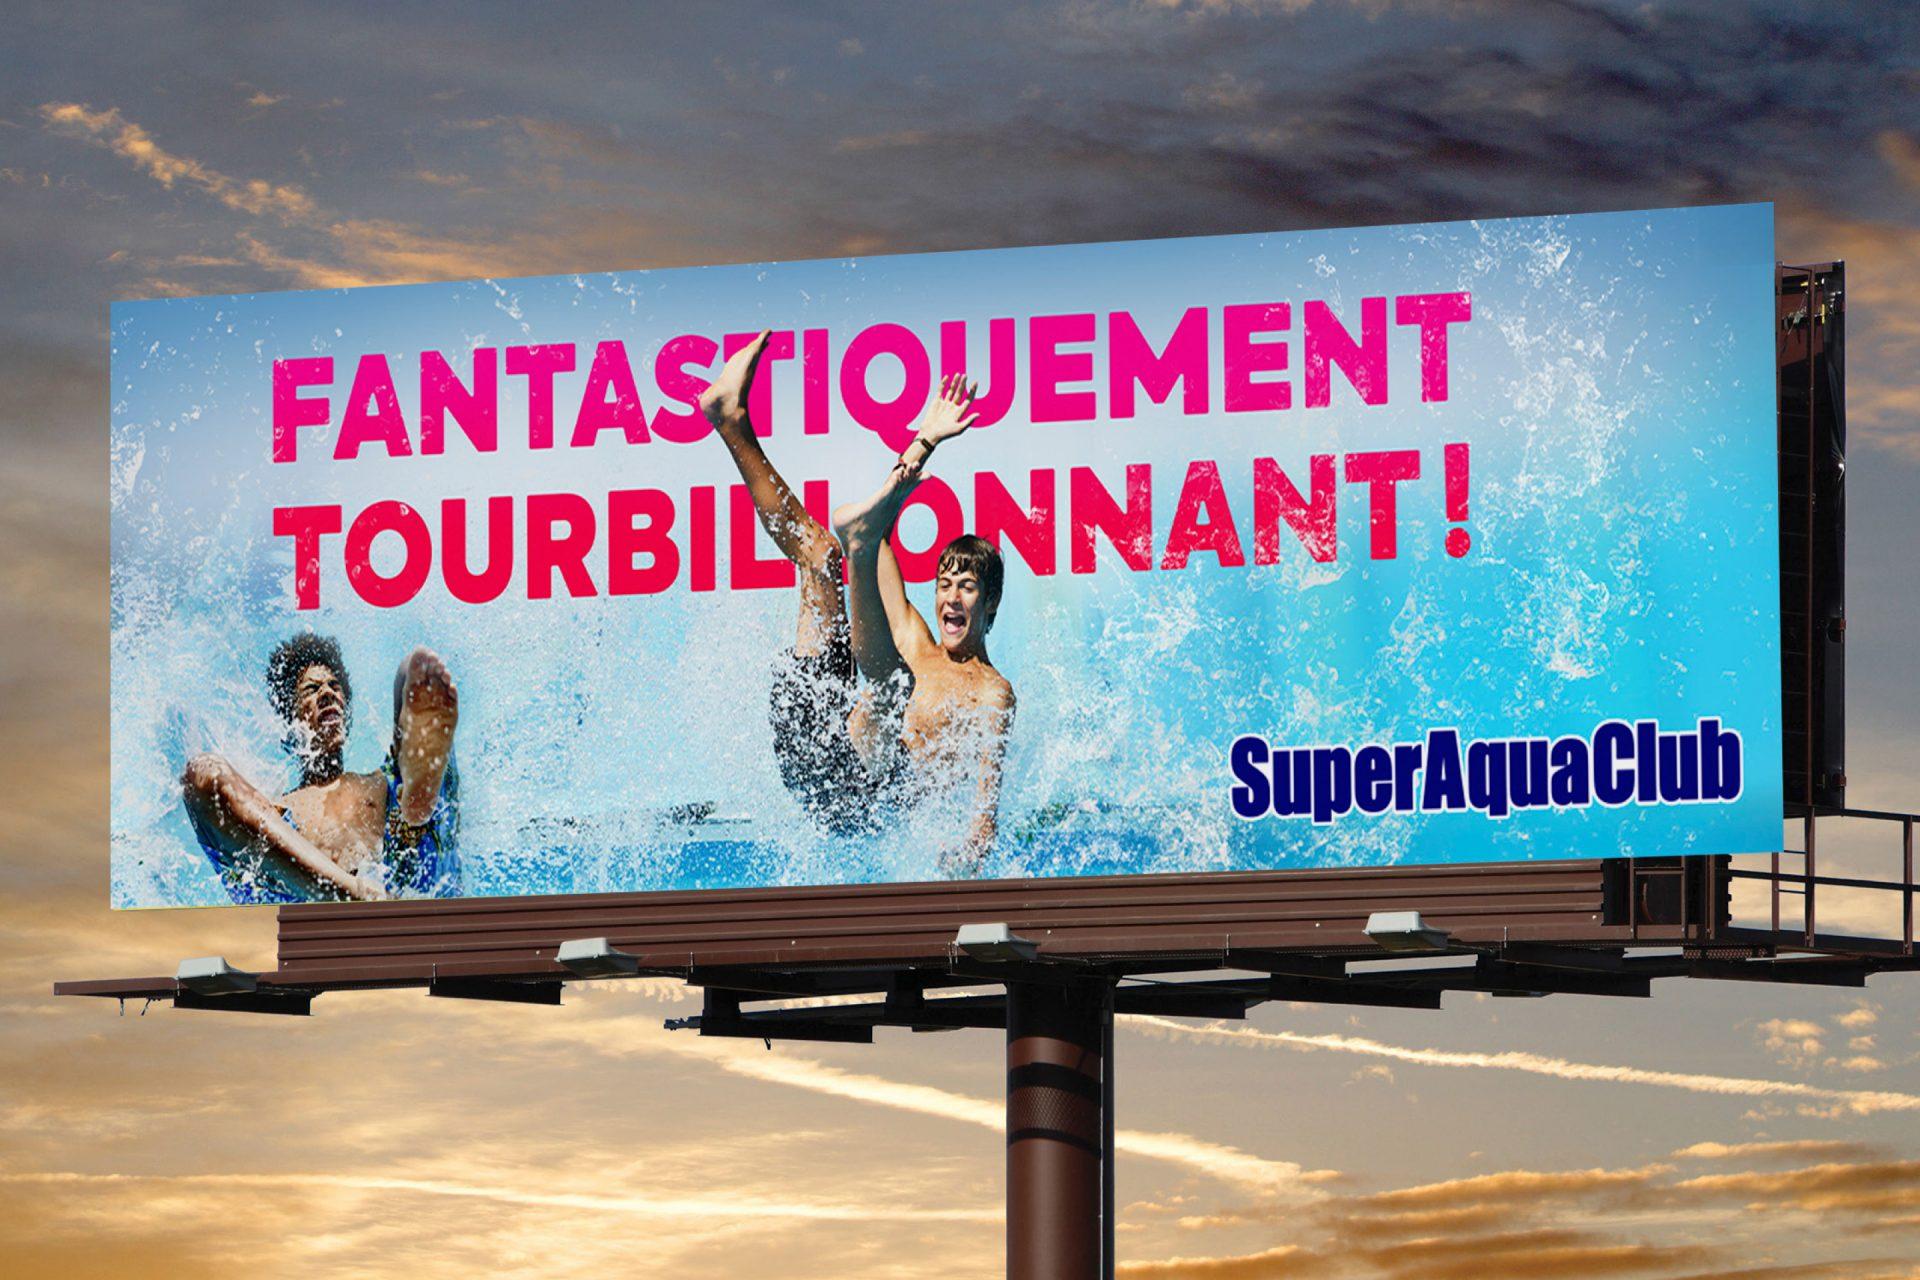 Super Aqua Club